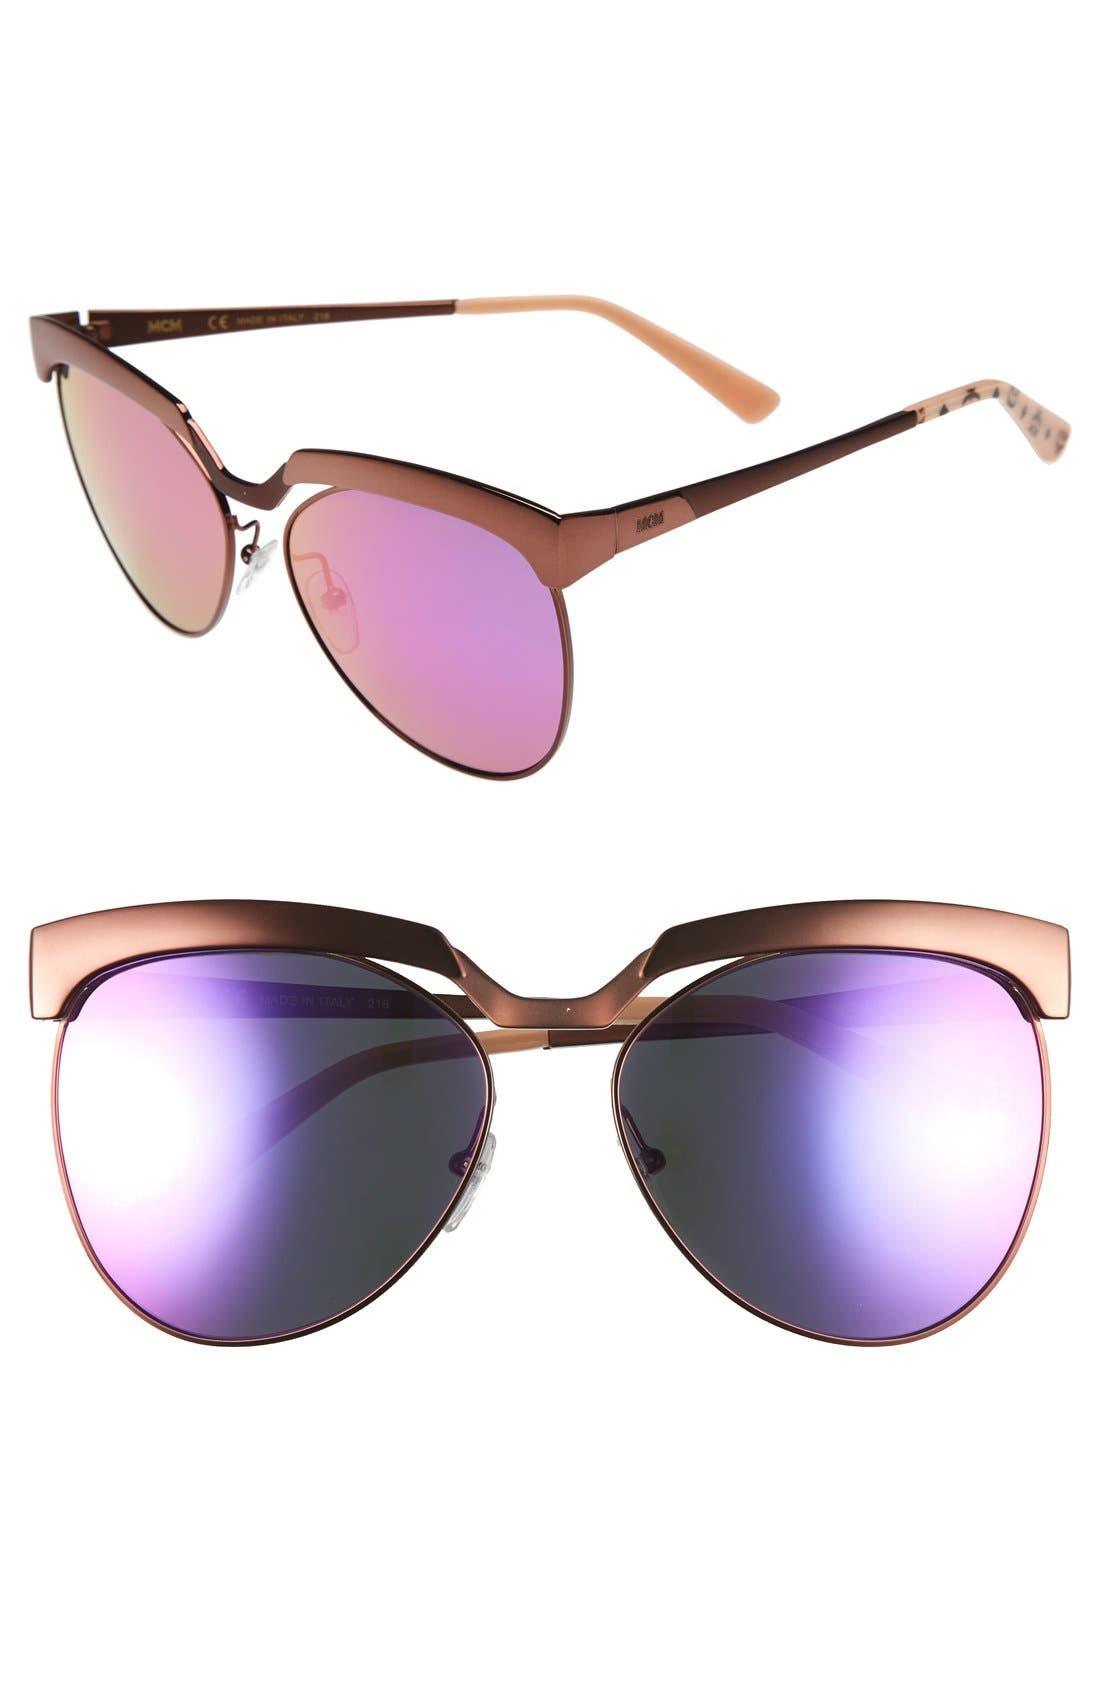 MCM 58mm Sunglasses